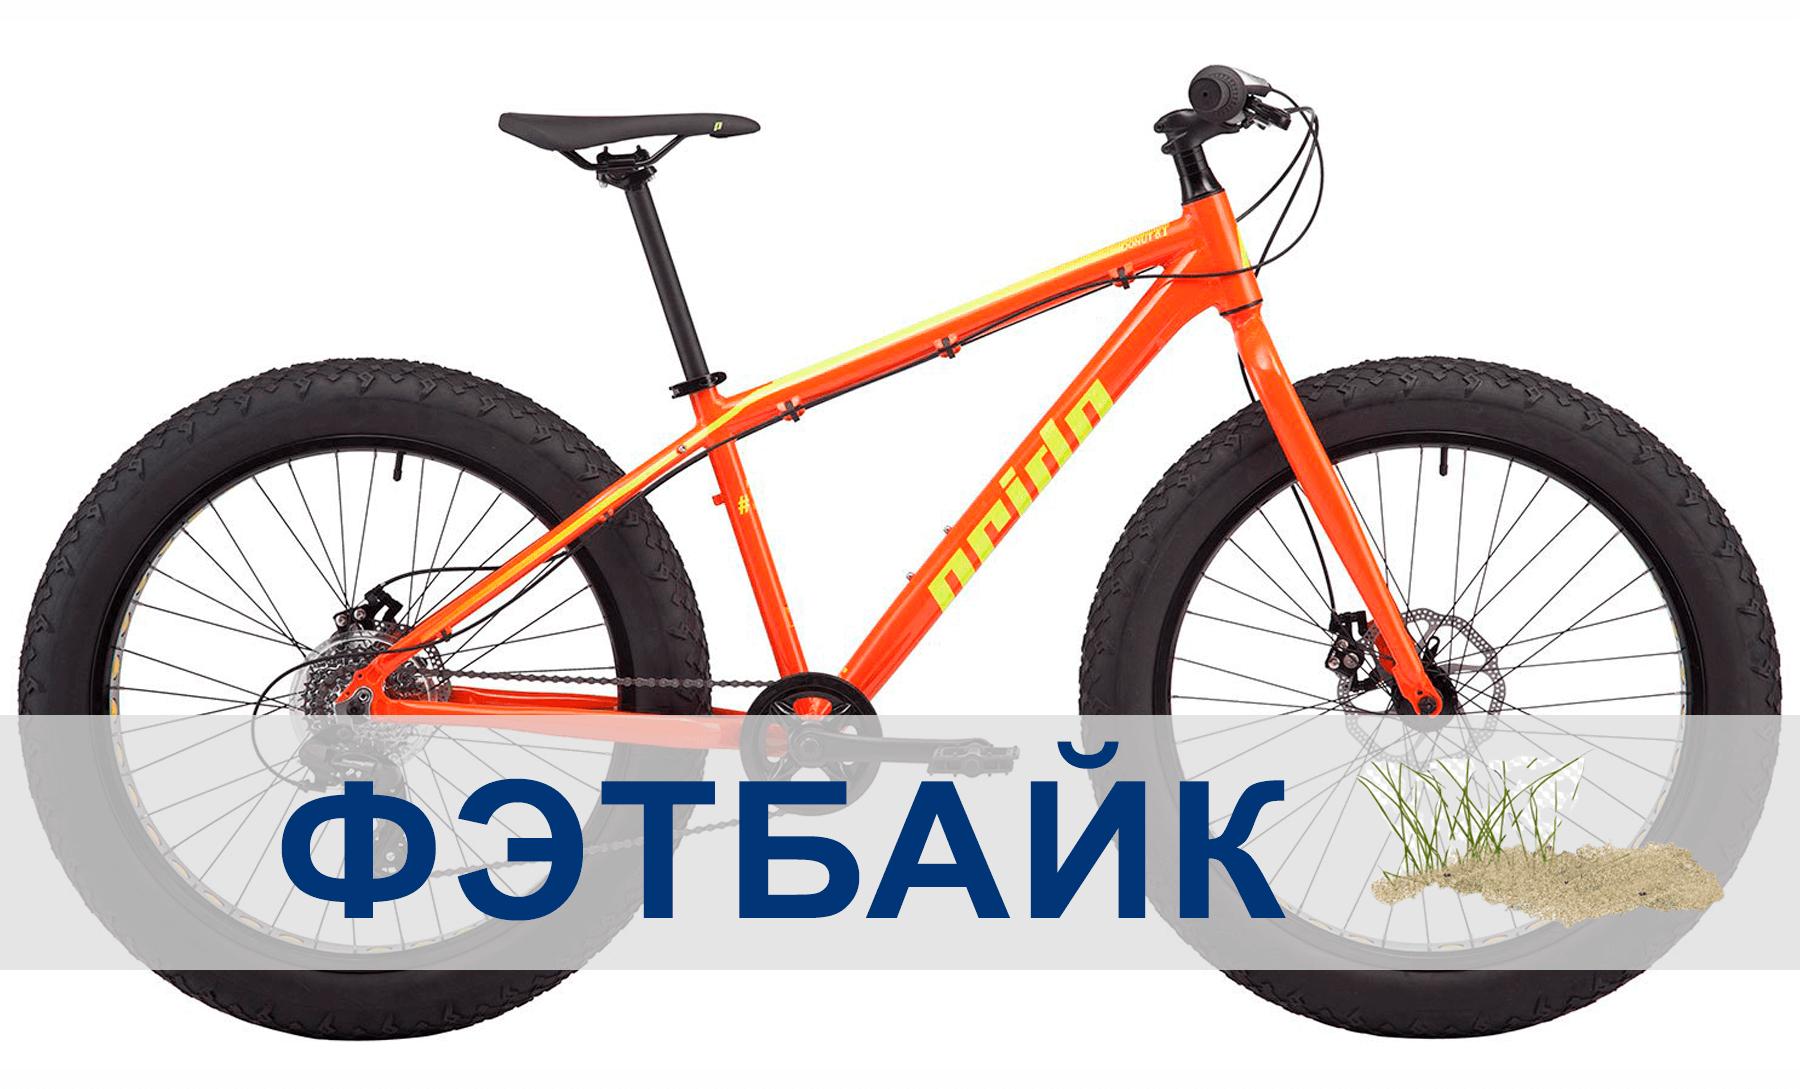 фэтбайк велосипед фото